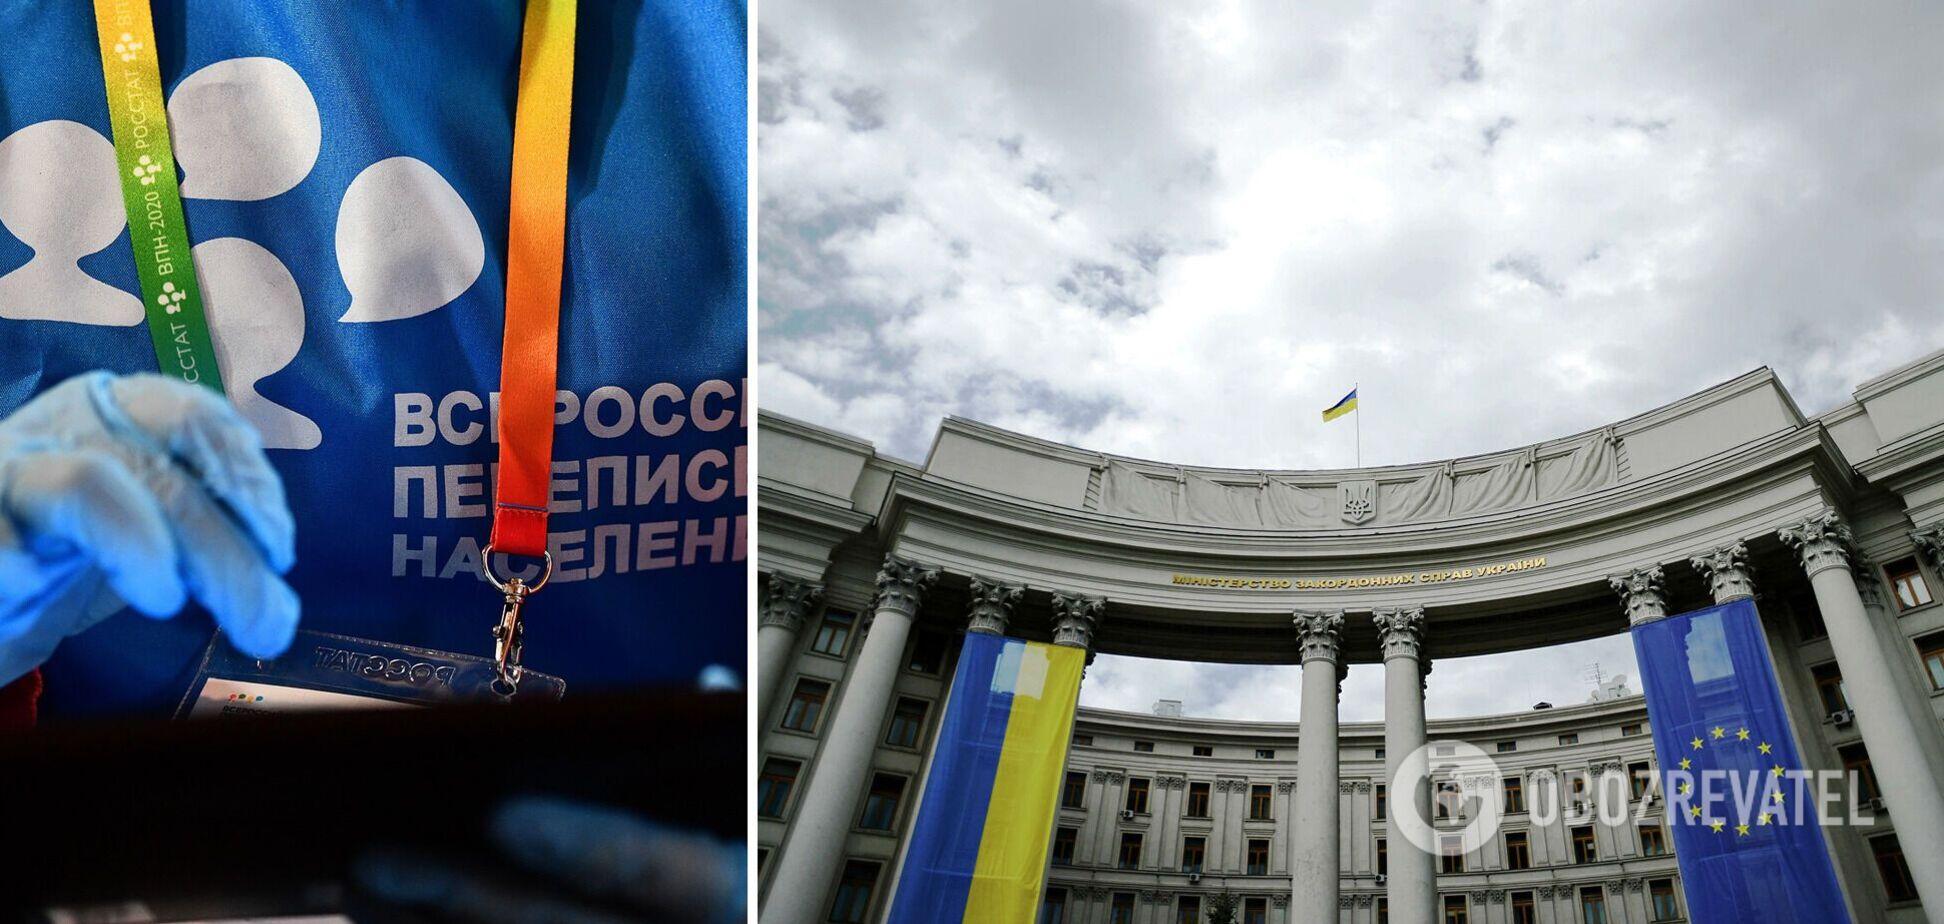 Росія почала перепис населення в окупованому Криму: Україна відреагувала